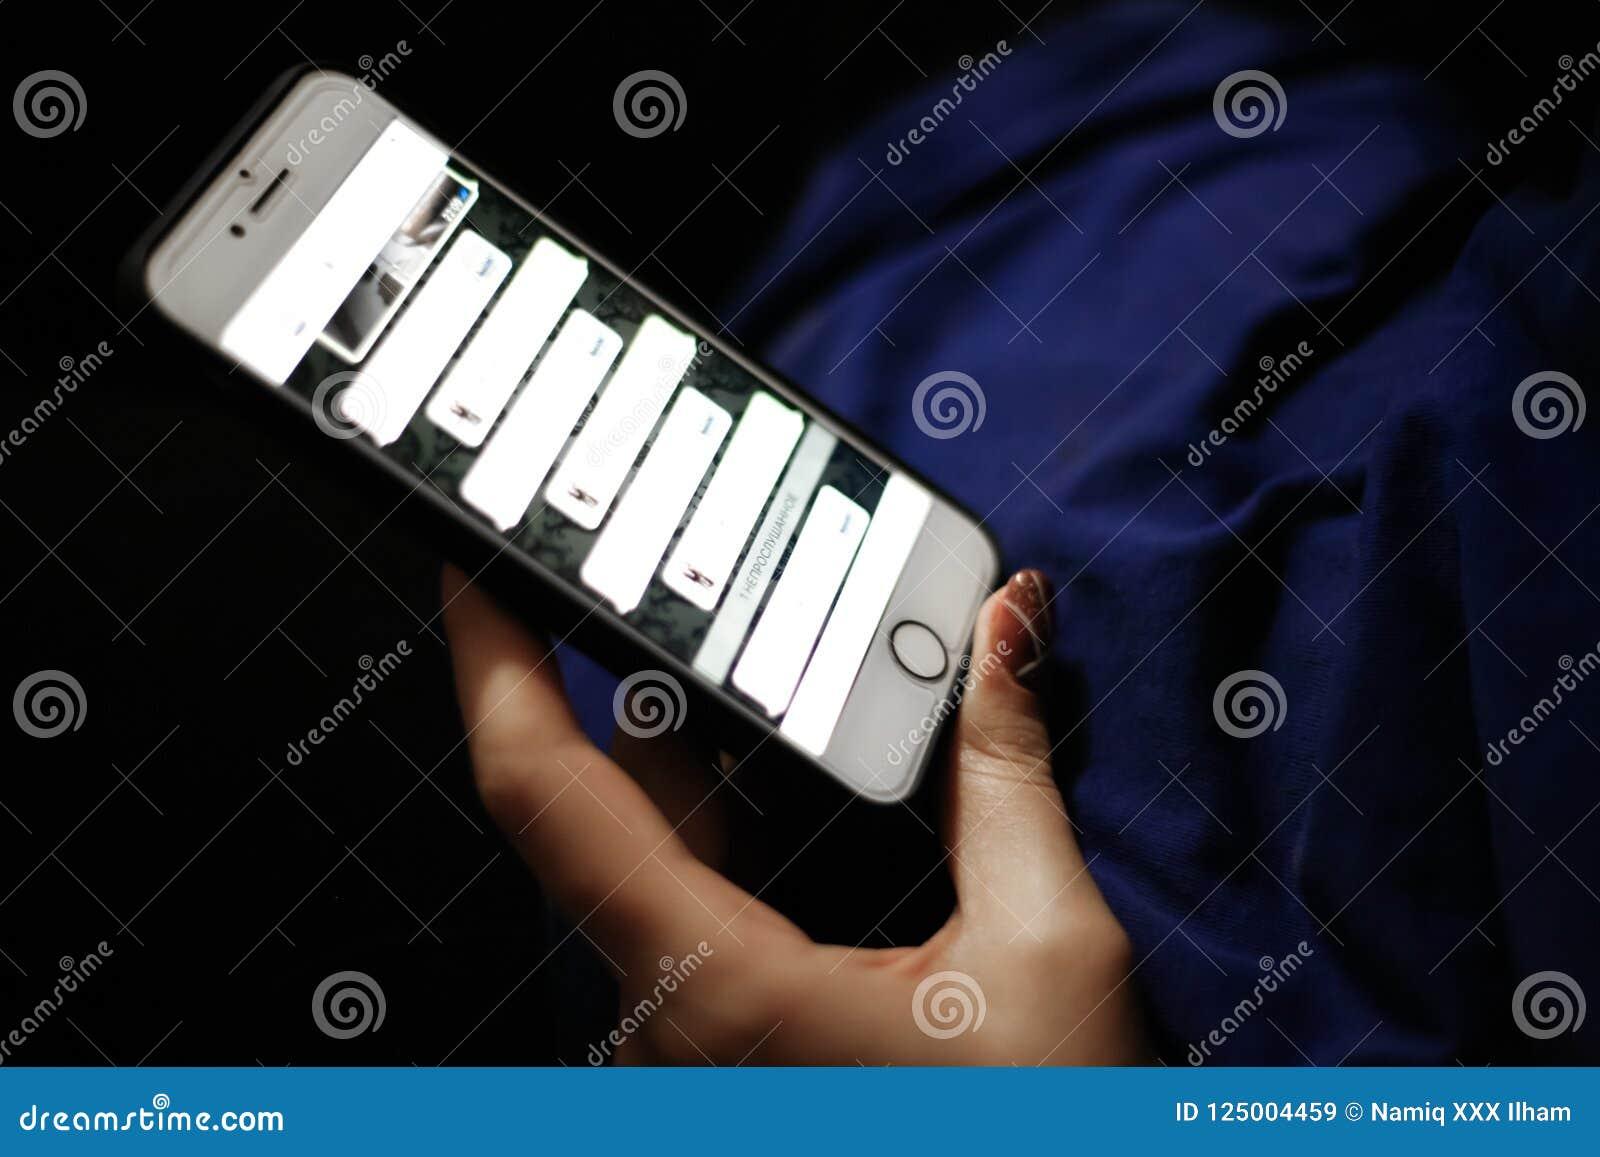 Телефон, социальная сеть корреспонденция в социальных сетях